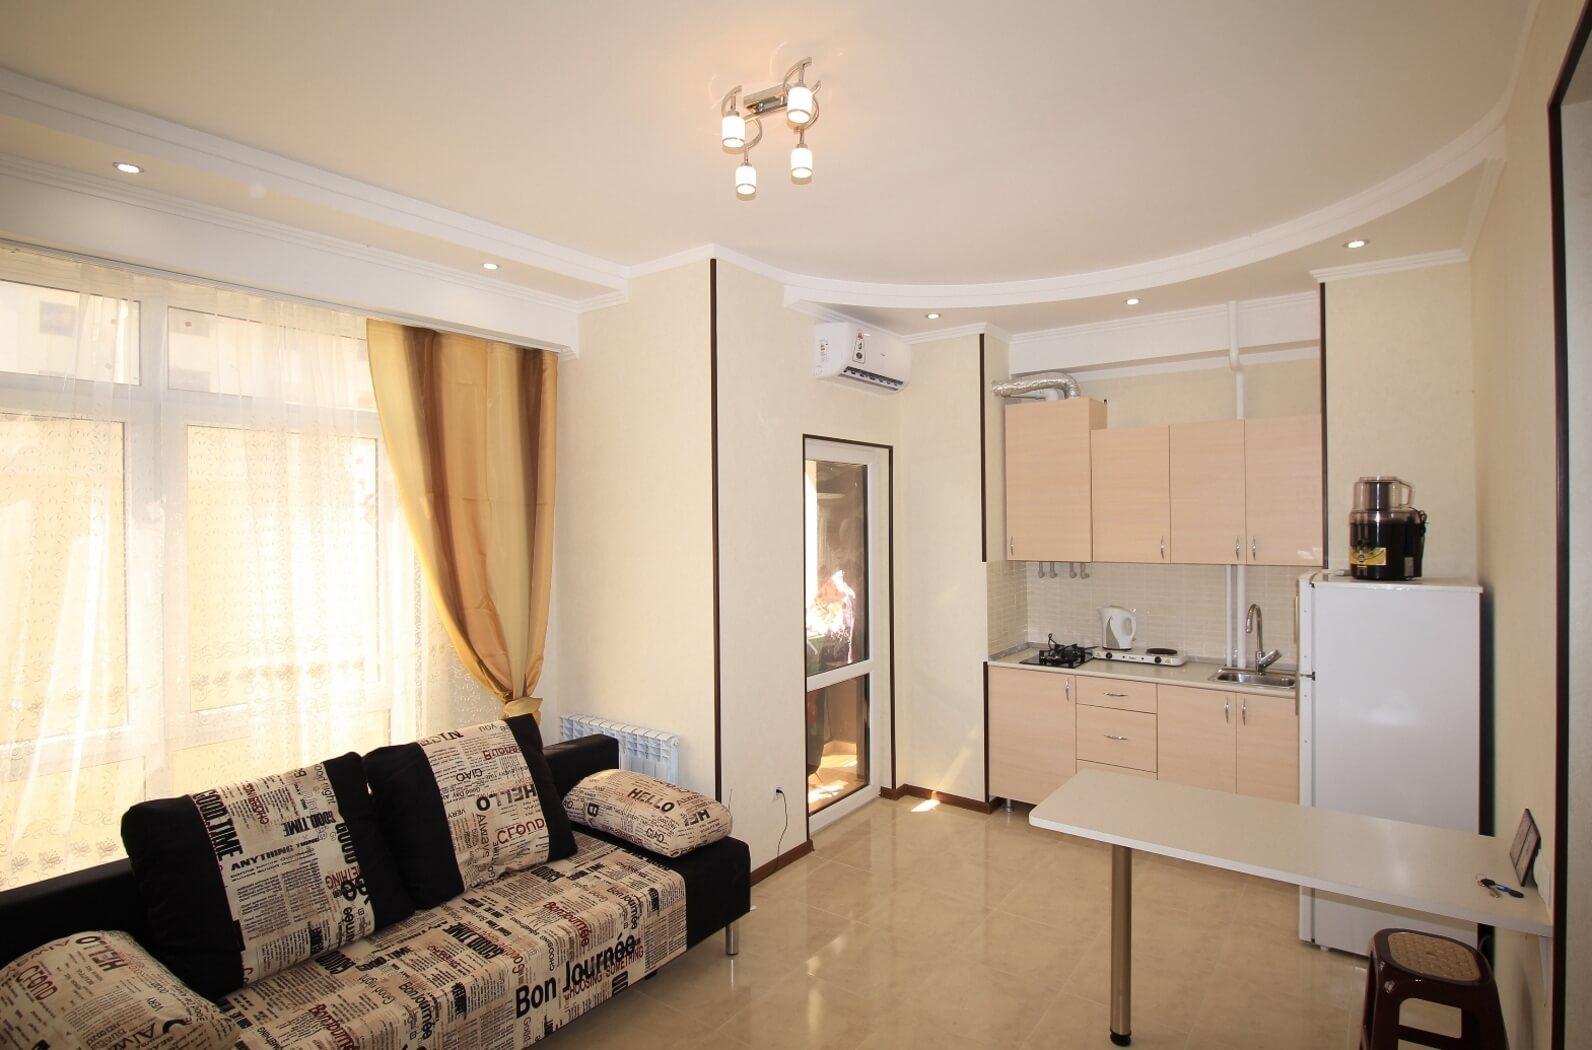 Продажа квартиры-студии в ЖК Мадрид 3 (27,5 м²)